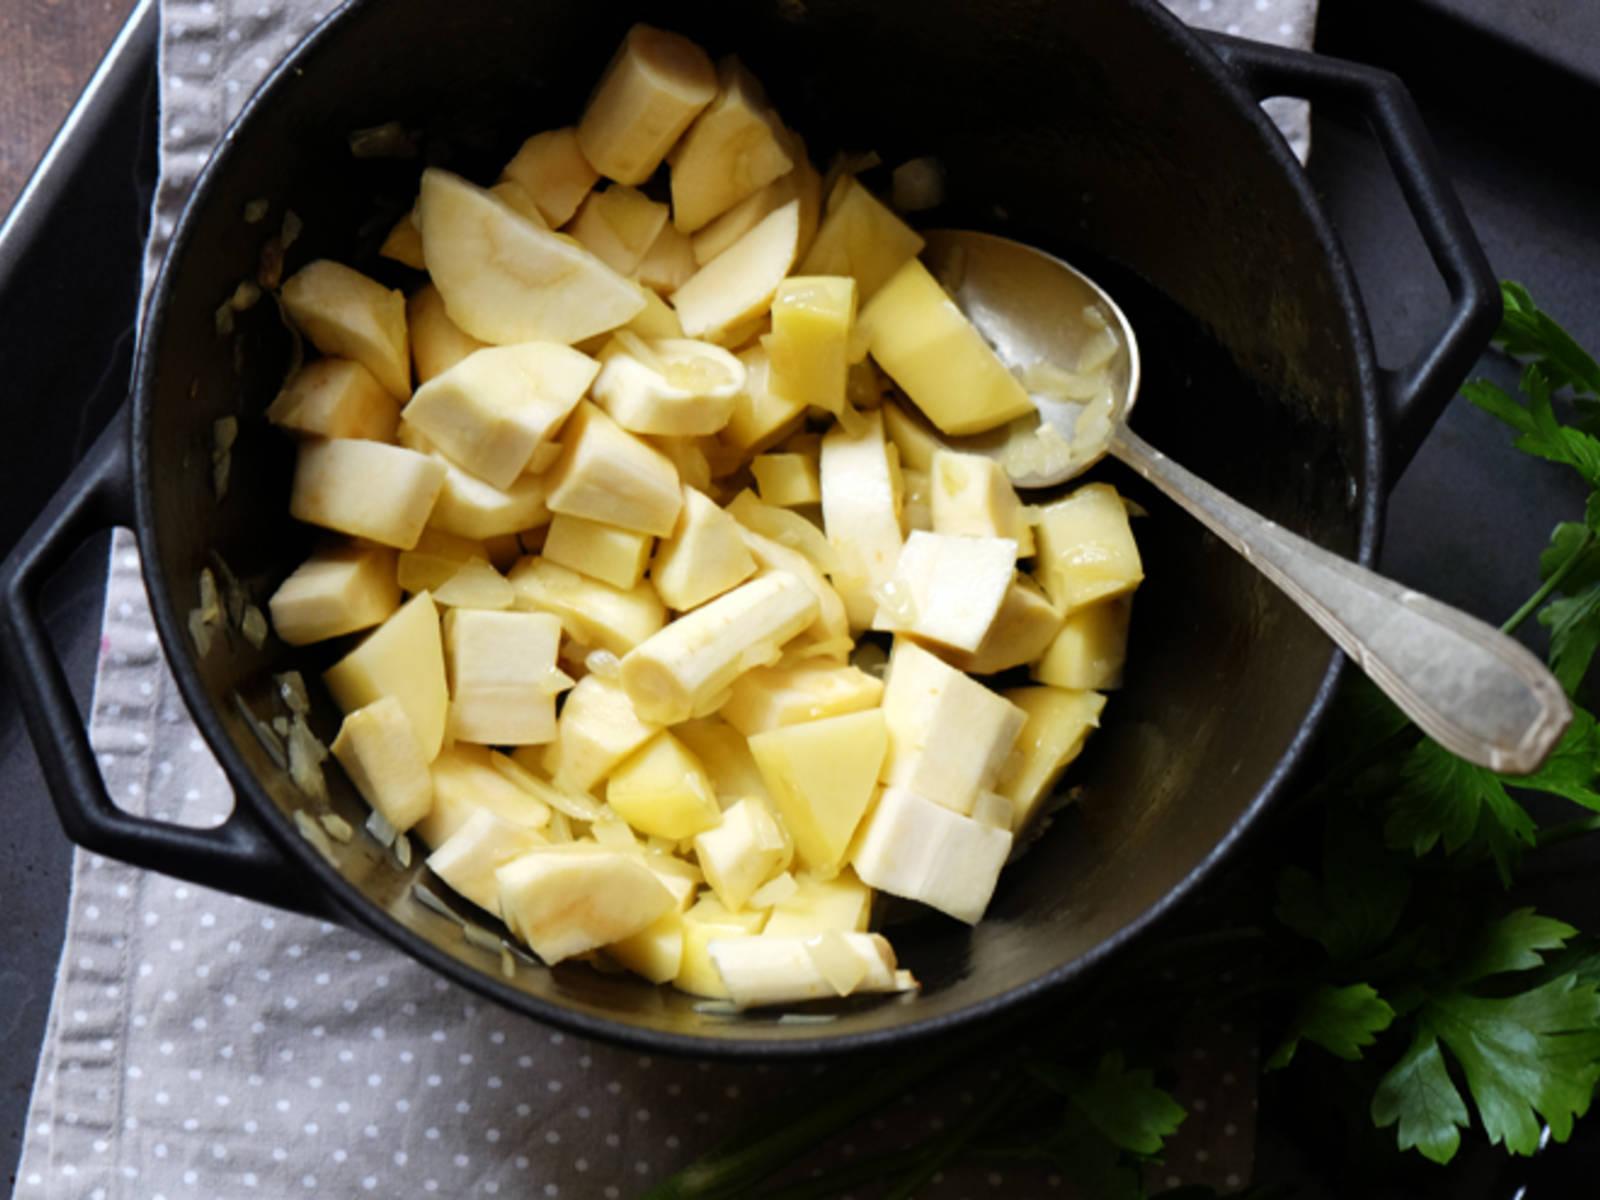 Einen Topf mit etwas Öl erhitzen. Zwiebeln darin glasig für etwa 4 Min. anschwitzen. Das Gemüse dazu geben und weitere 3 Min. anschwitzen.